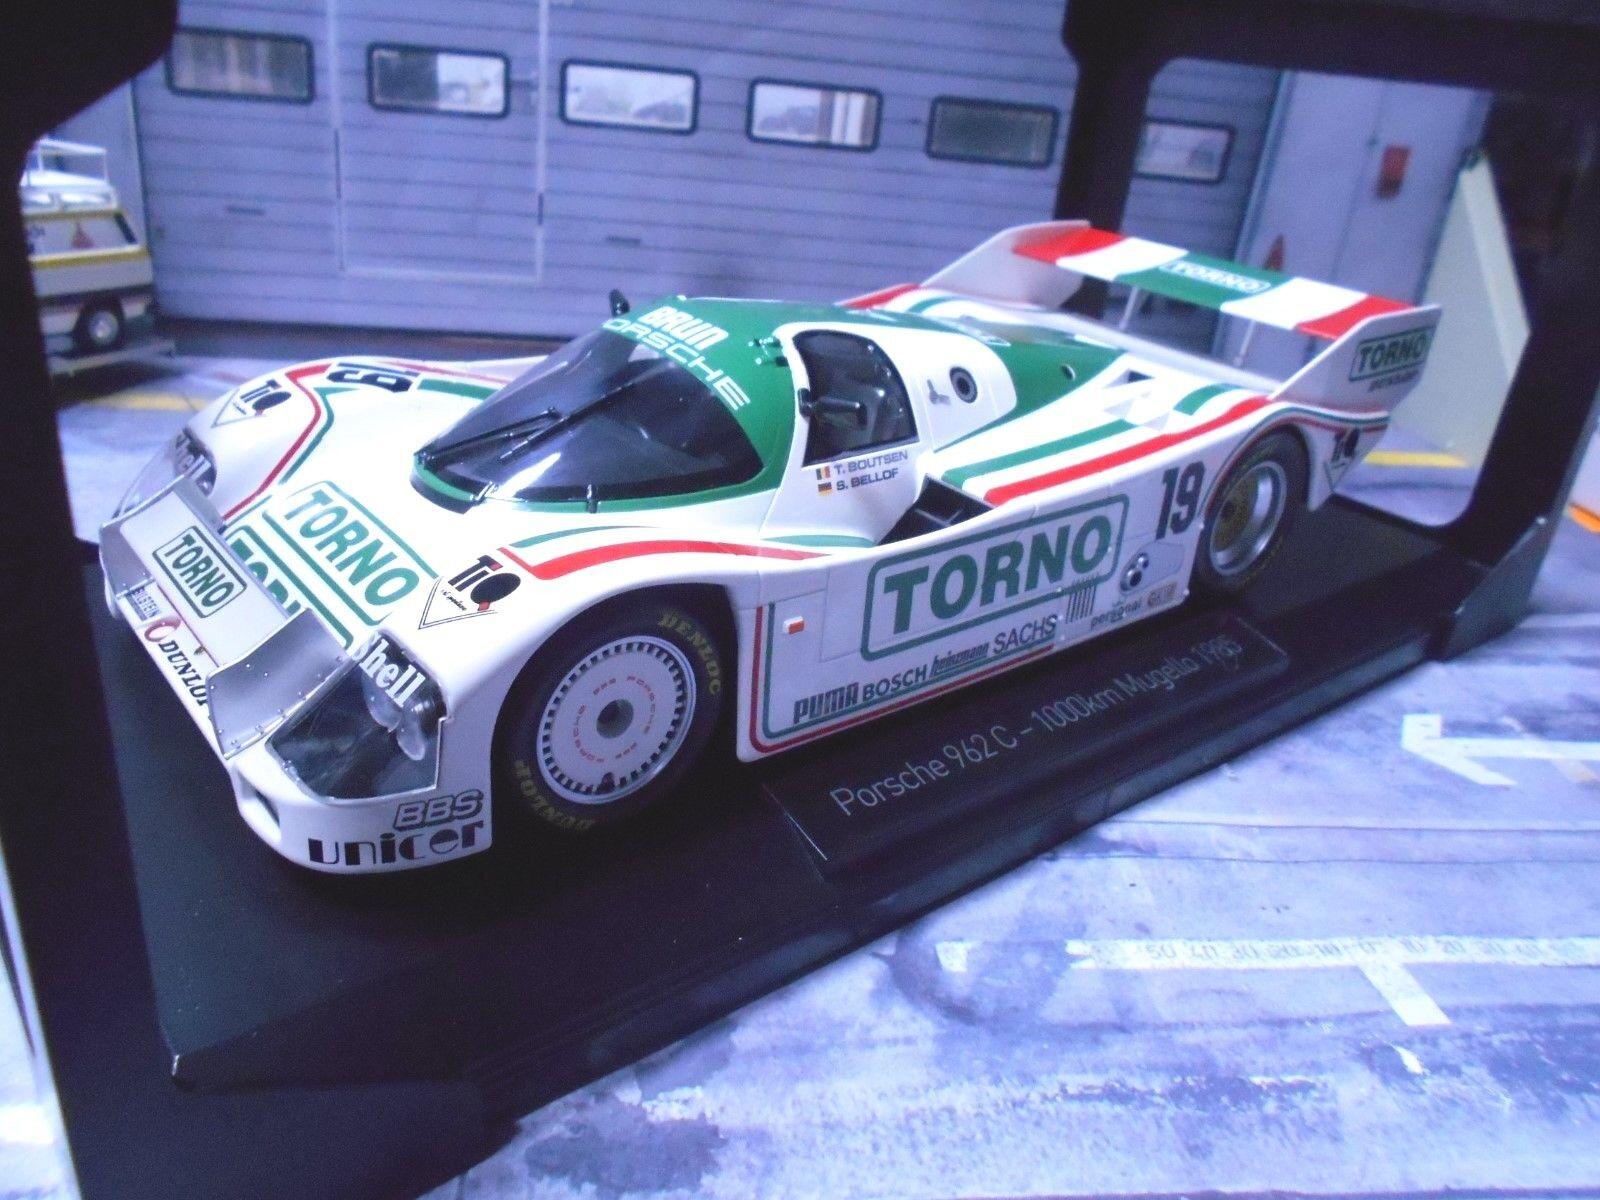 Con precio barato para obtener la mejor marca. Porsche 962c 962c 962c 962 C mugello 1985  19 torno ofrece Brun Bellof Boutsen límites norev 1 18  selección larga